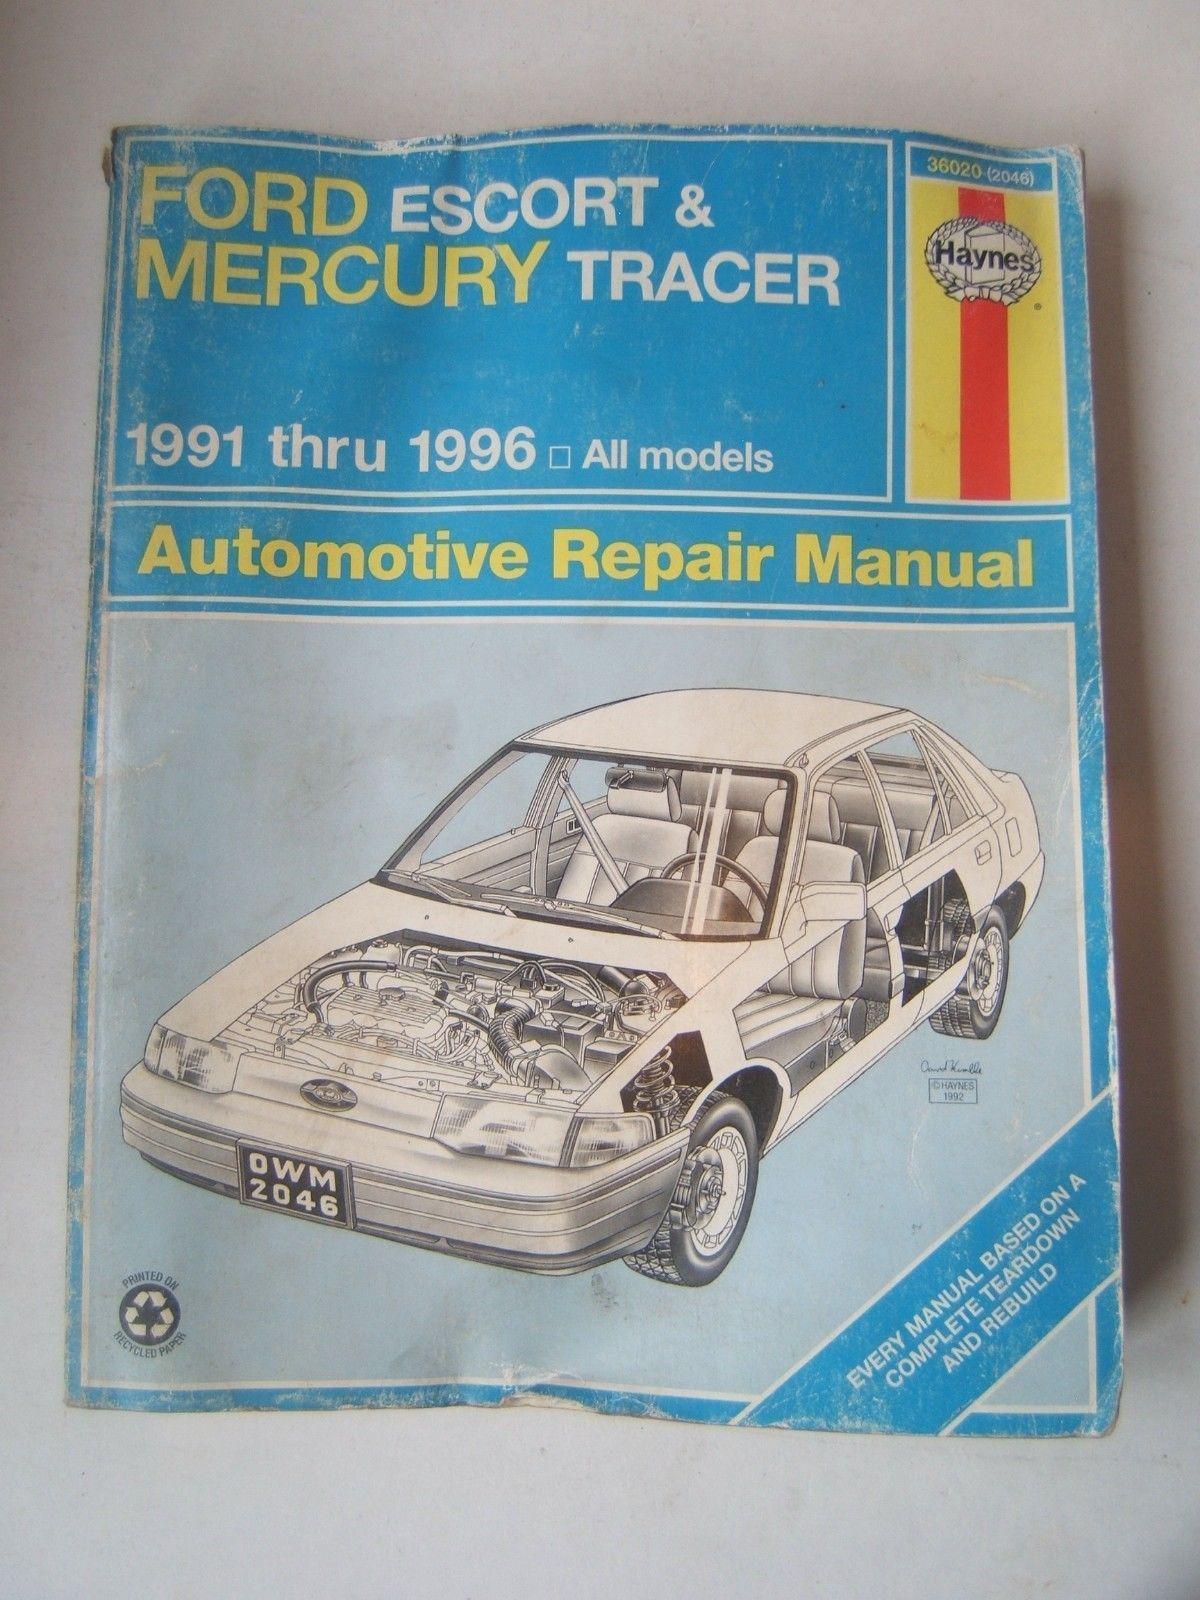 ford escort mercury tracer haynes repair and 13 similar items rh bonanza com Online Repair Manuals Haynes Repair Manual 1991 Honda Civic